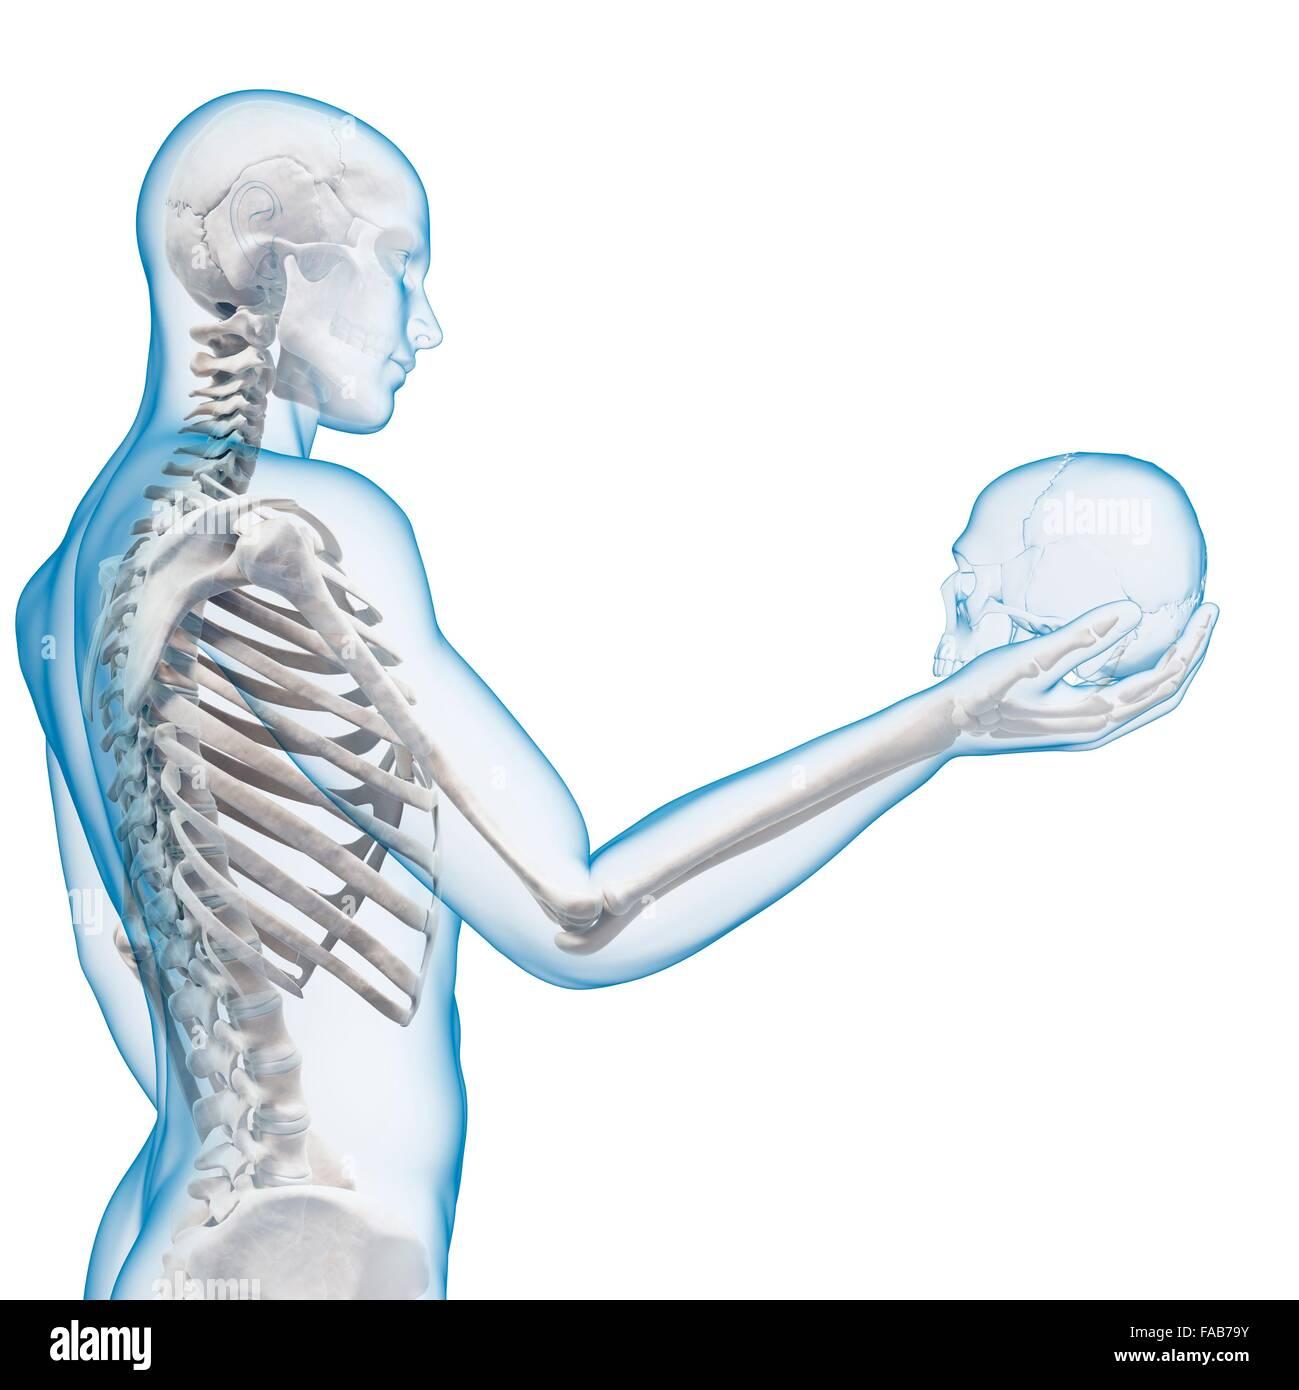 Beste Menschliche Anatomie Struktur Bilder - Menschliche Anatomie ...